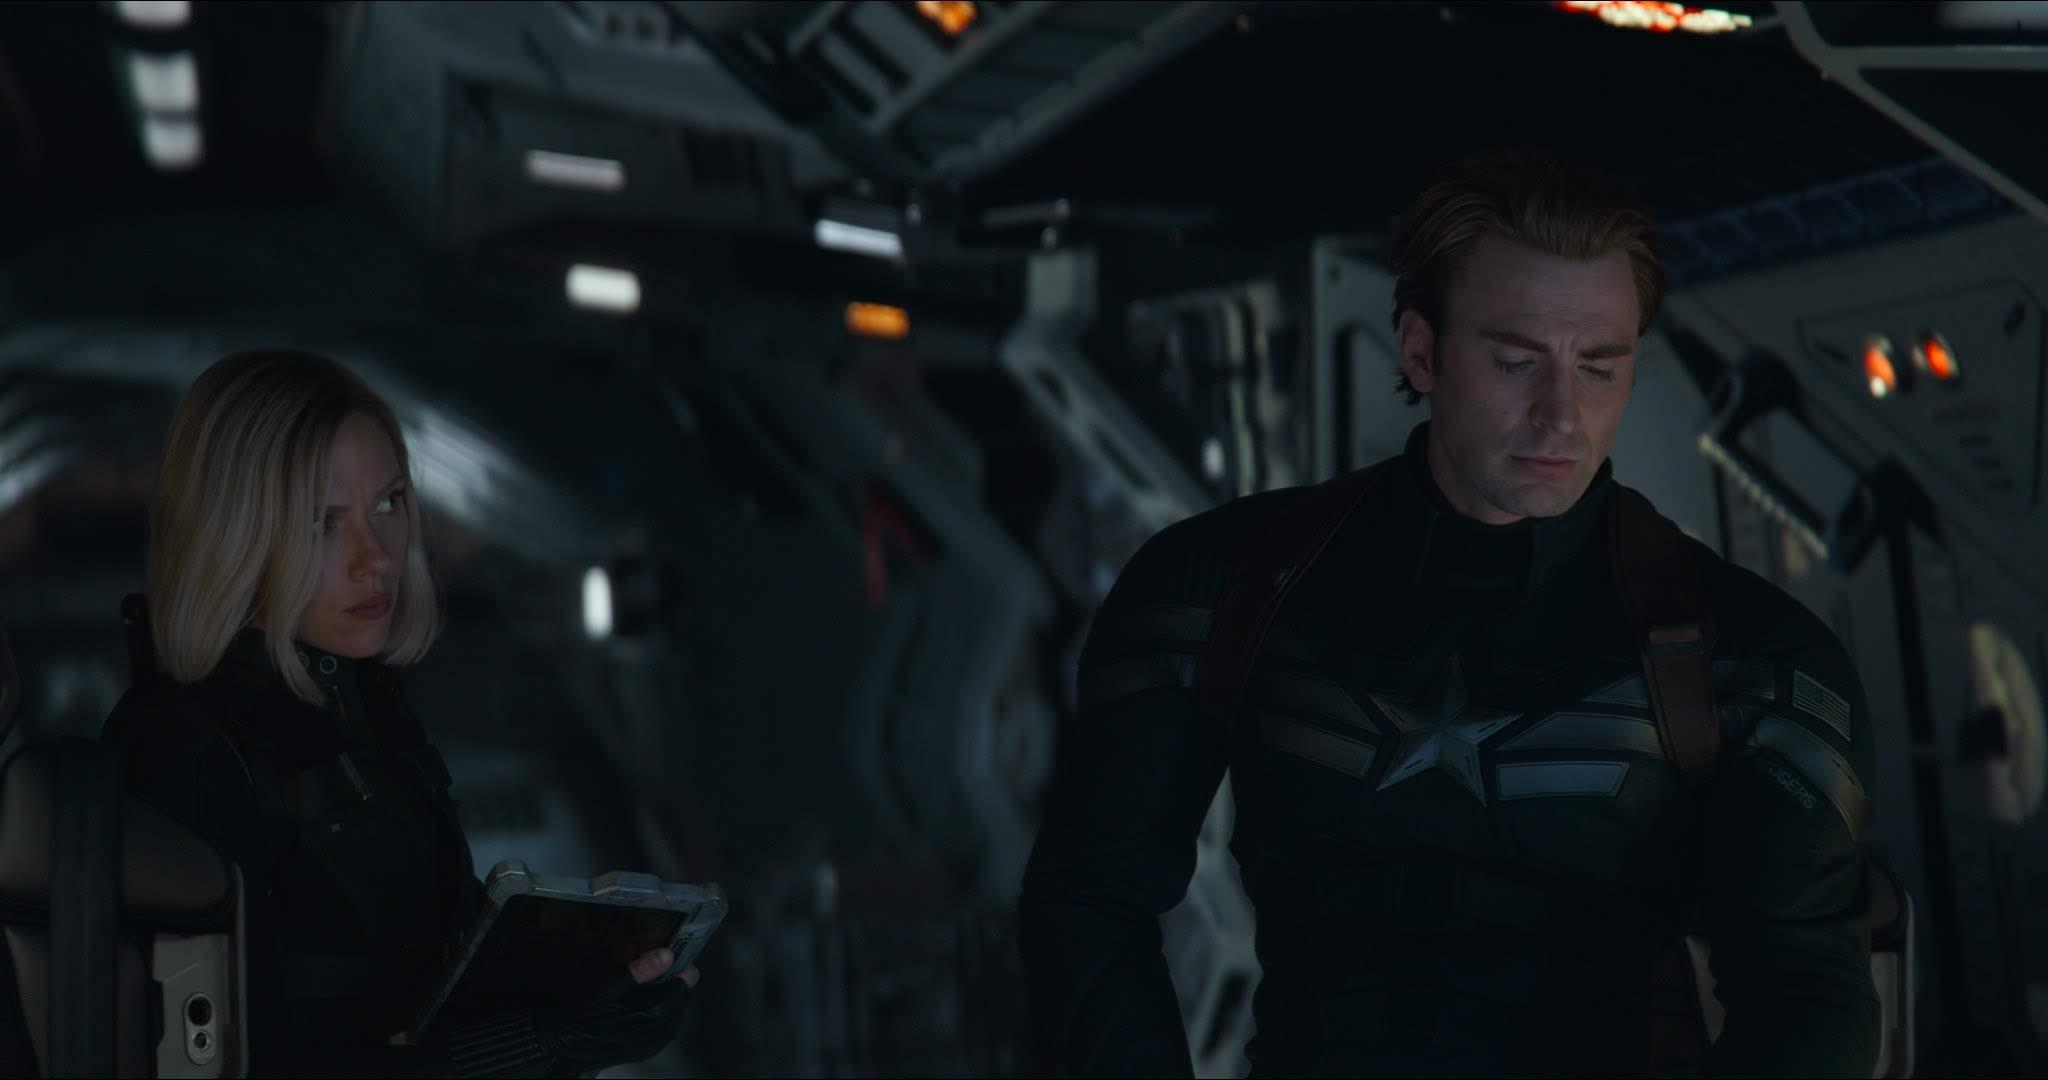 Avengers Endgame :「アベンジャーズ : エンドゲーム」は約3時間1分の長尺なのに、どうして、トイレタイムの休憩をもうけなかったのか ? !、仕掛け人のケヴィン・ファイギが語ってくれた ! !